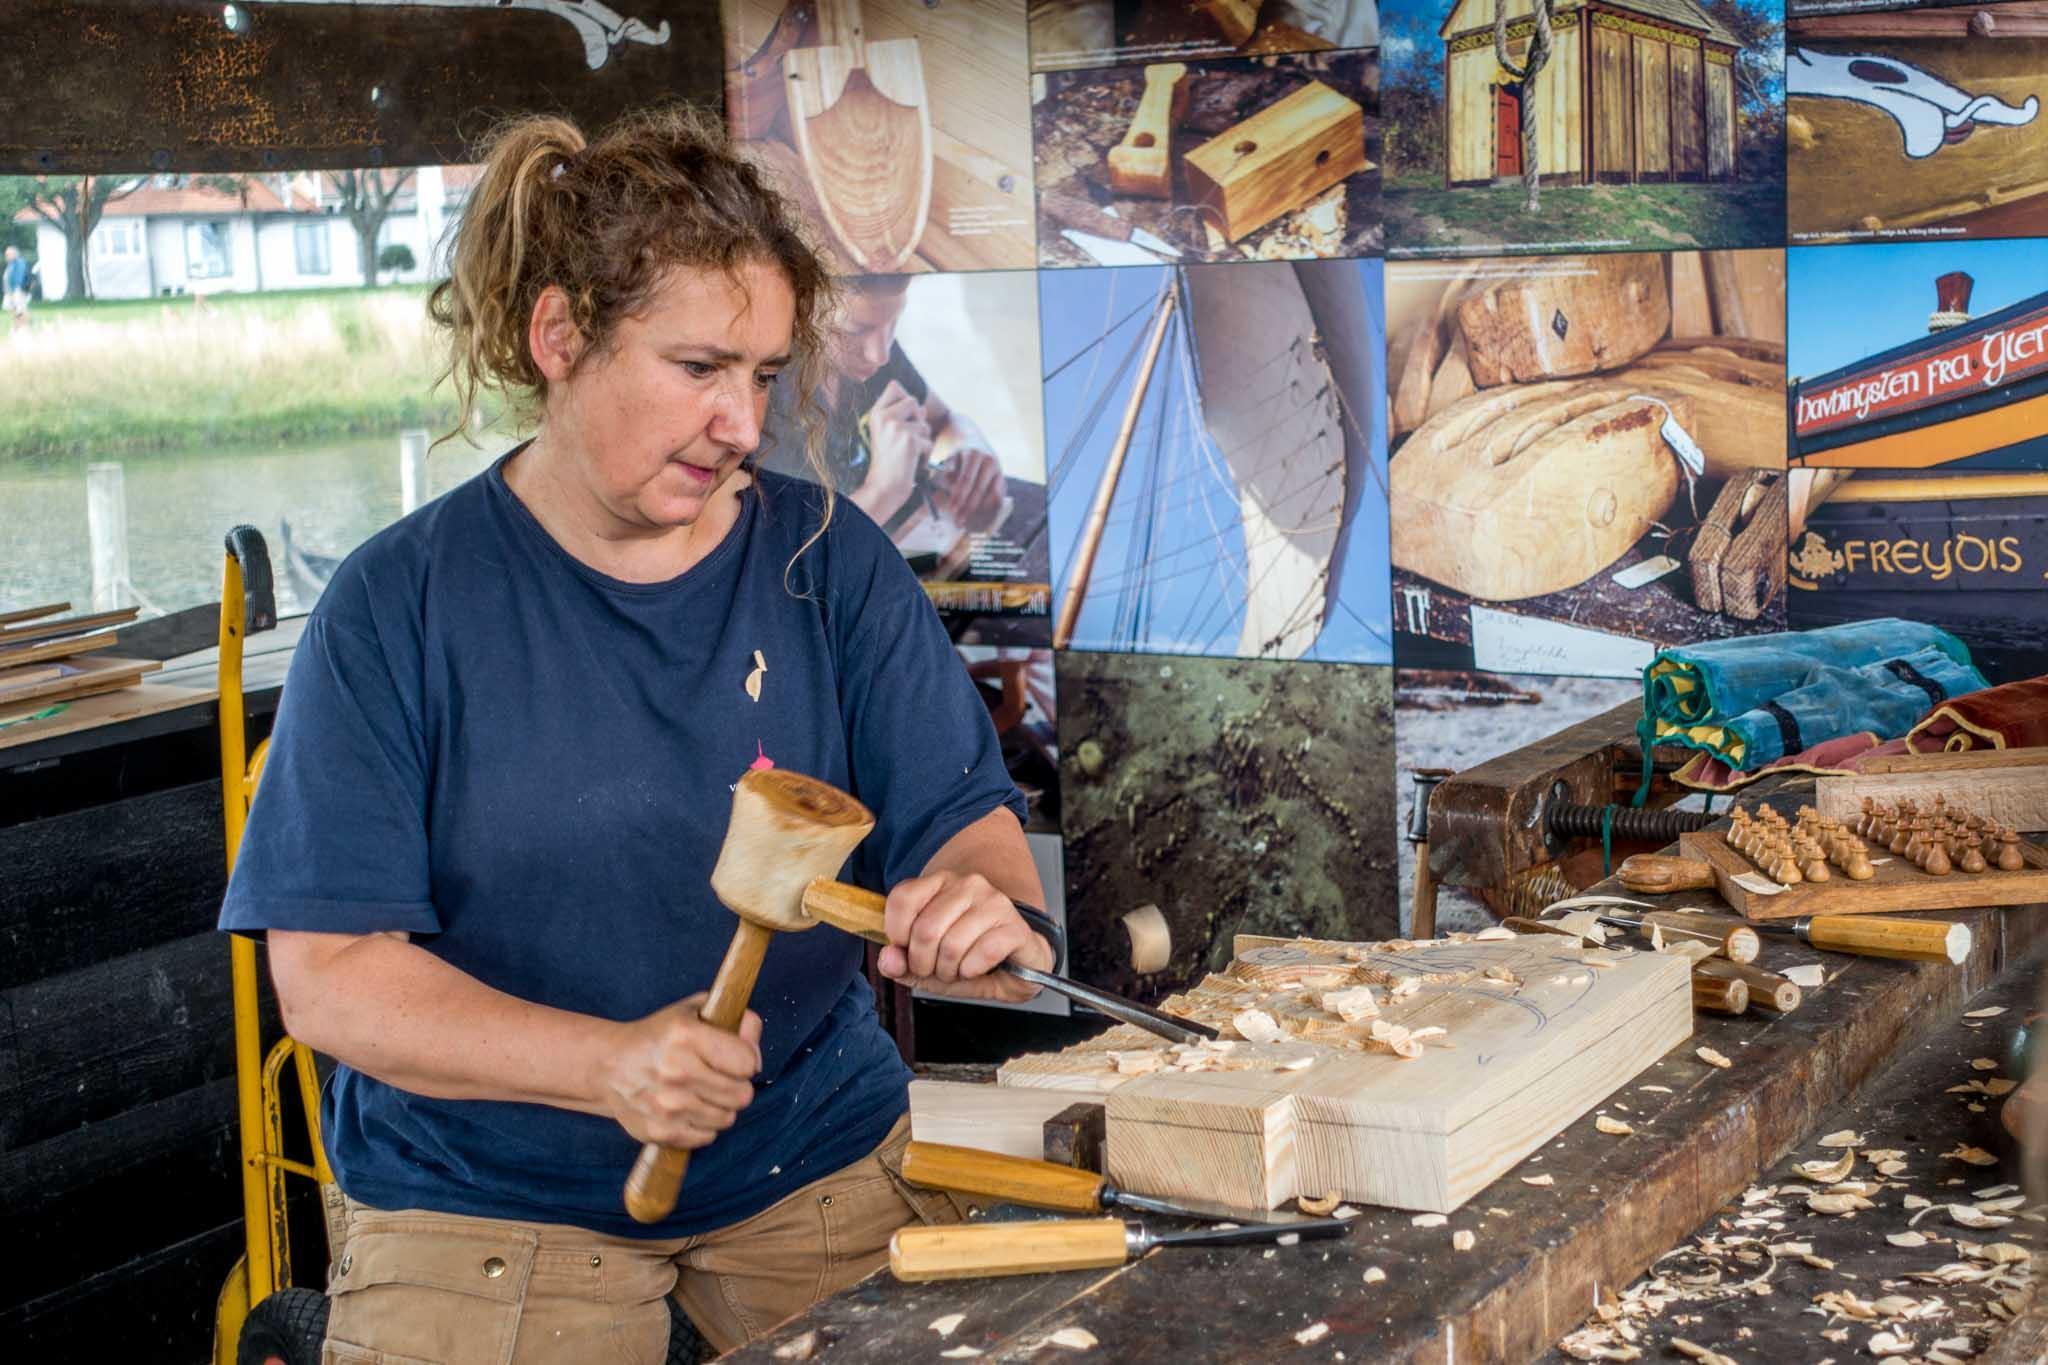 Artisan carving wood